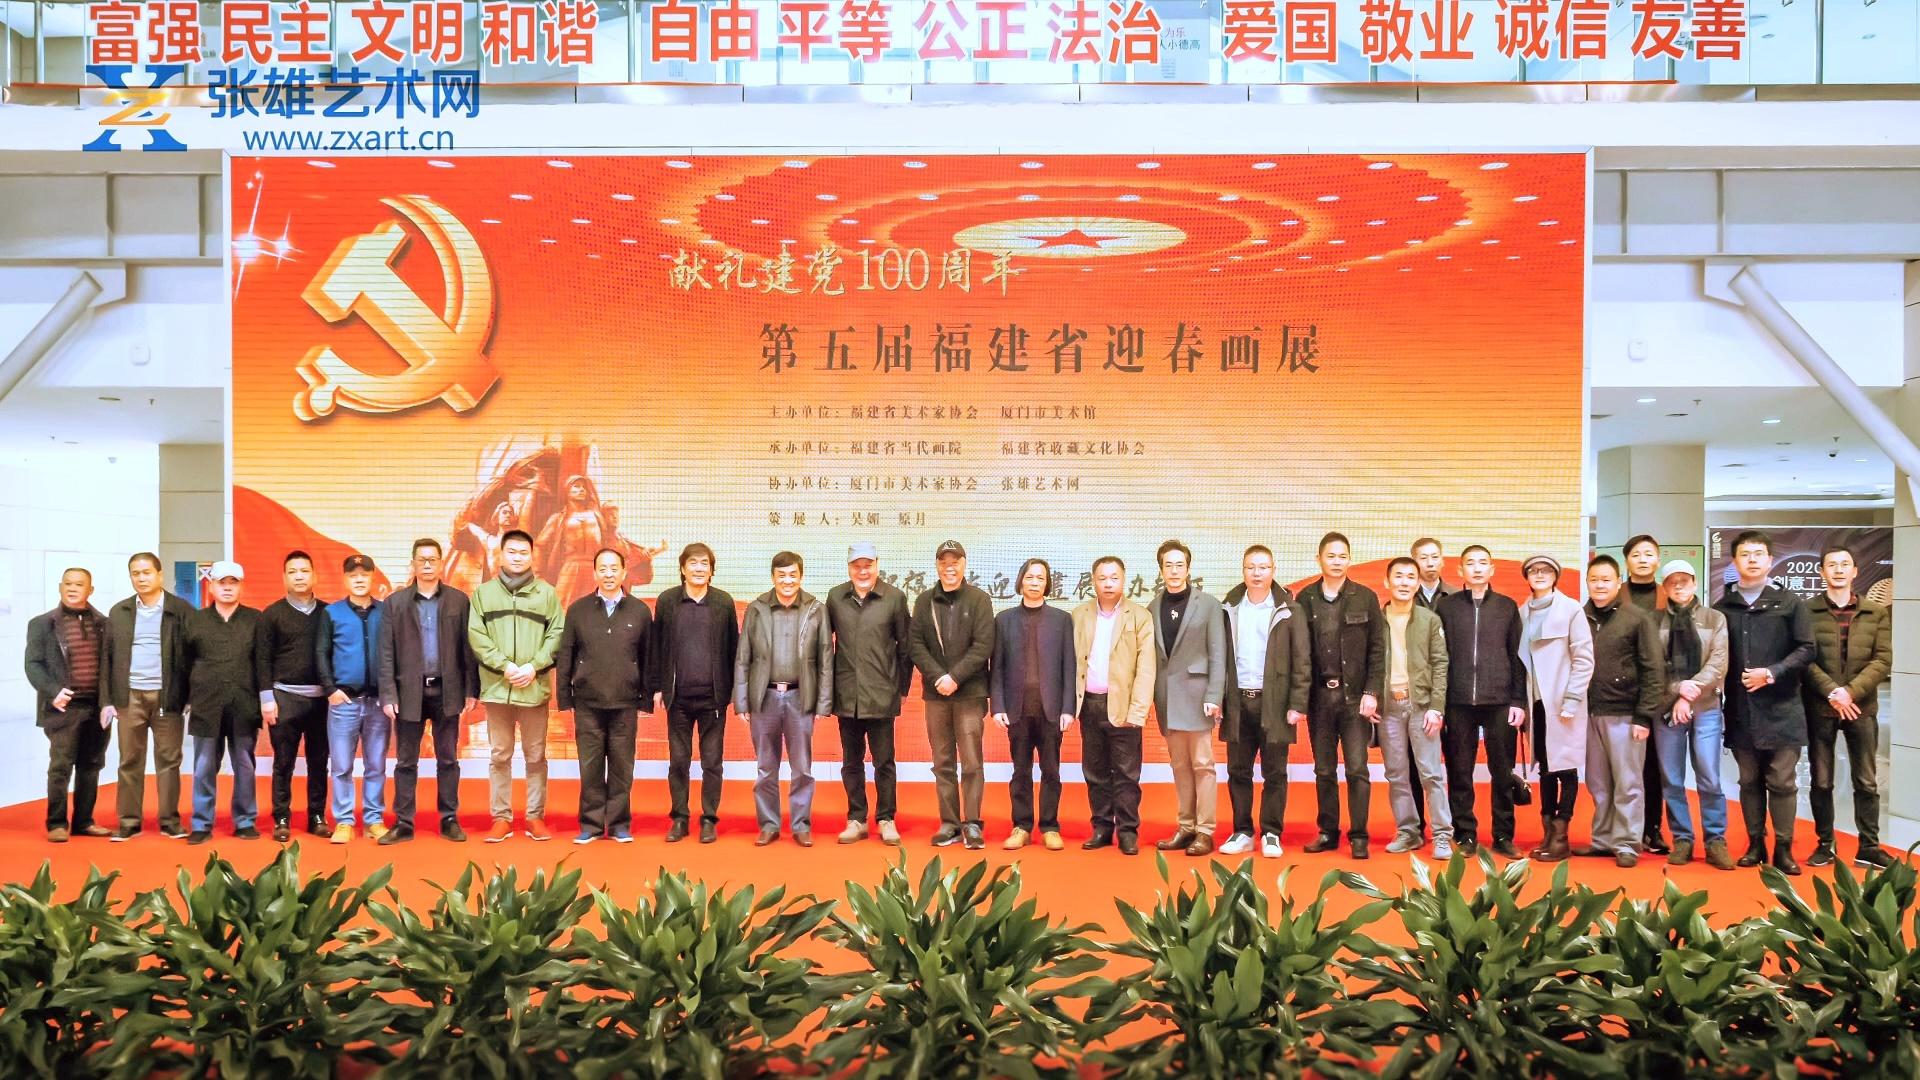 全程记录 | 献礼建党一百周年第五届福建省迎春画展